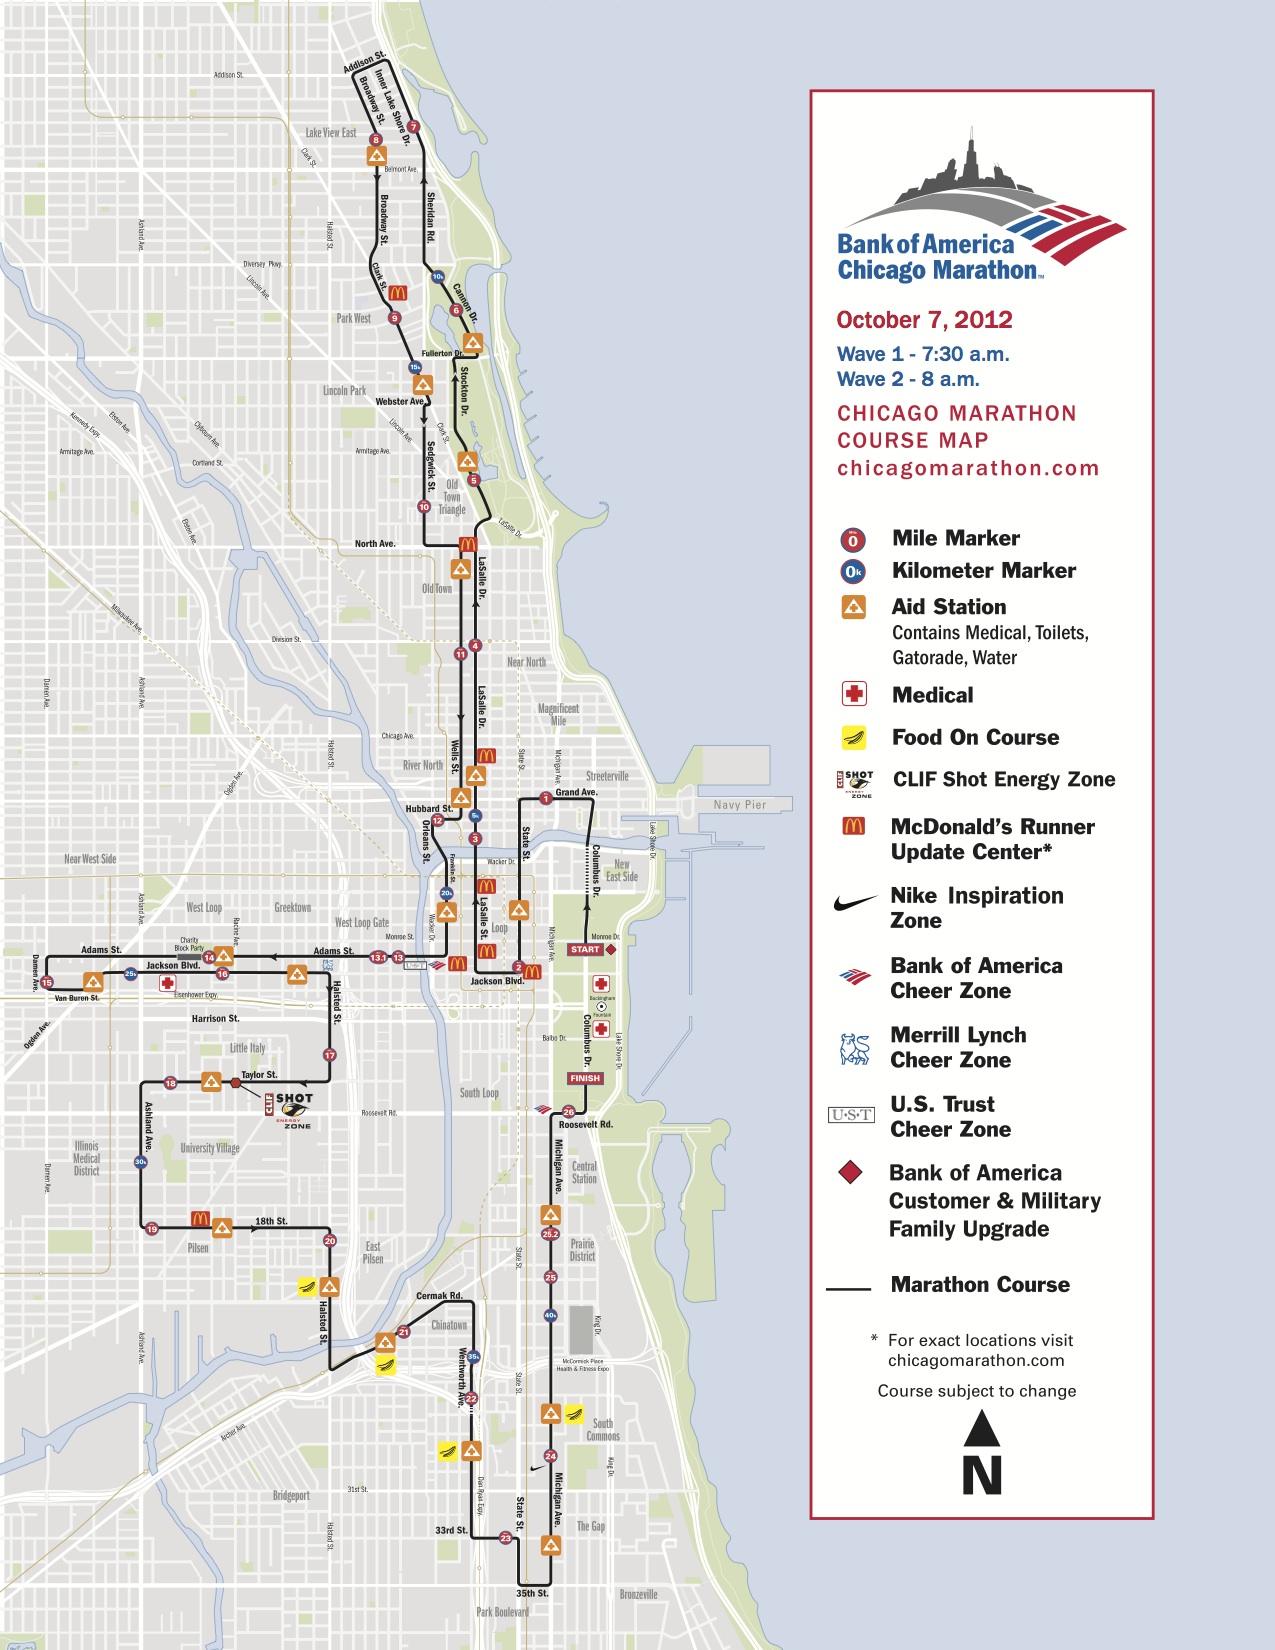 Chicago Marathon Course Map  My blog